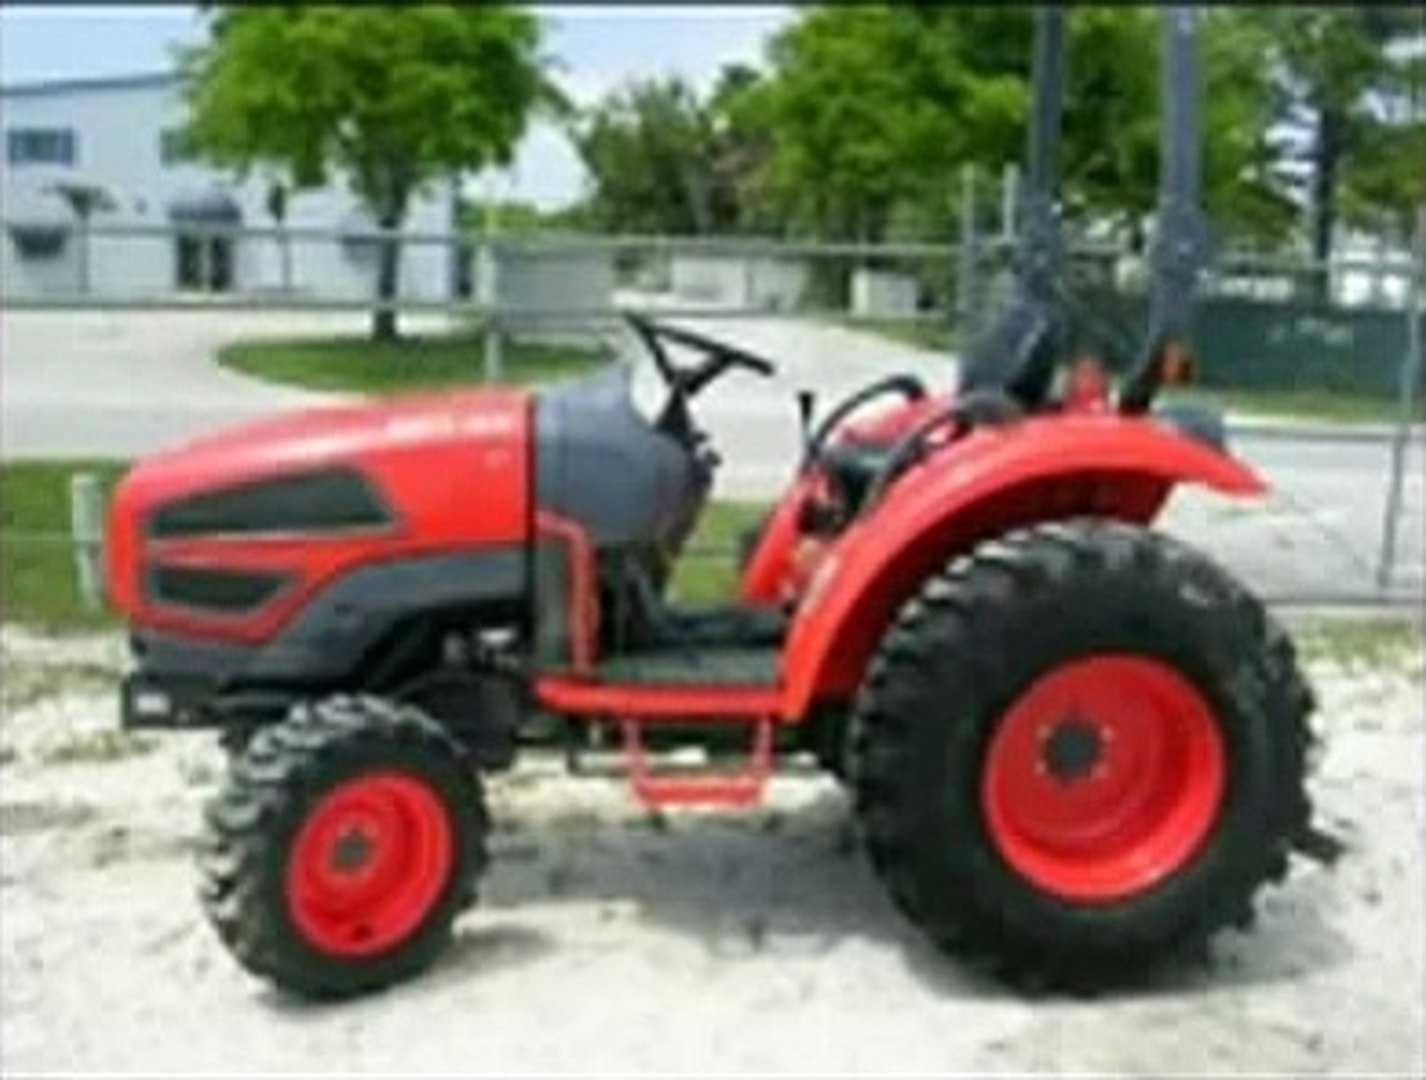 Kioti Daedong CK25 CK27 CK30 CK35 Tractor Operator Manual ... on kioti lk3504, kioti ds4510, kioti dk45, kioti dk55, kioti ck35, kioti ck30, kioti dk40se, kioti ck20,